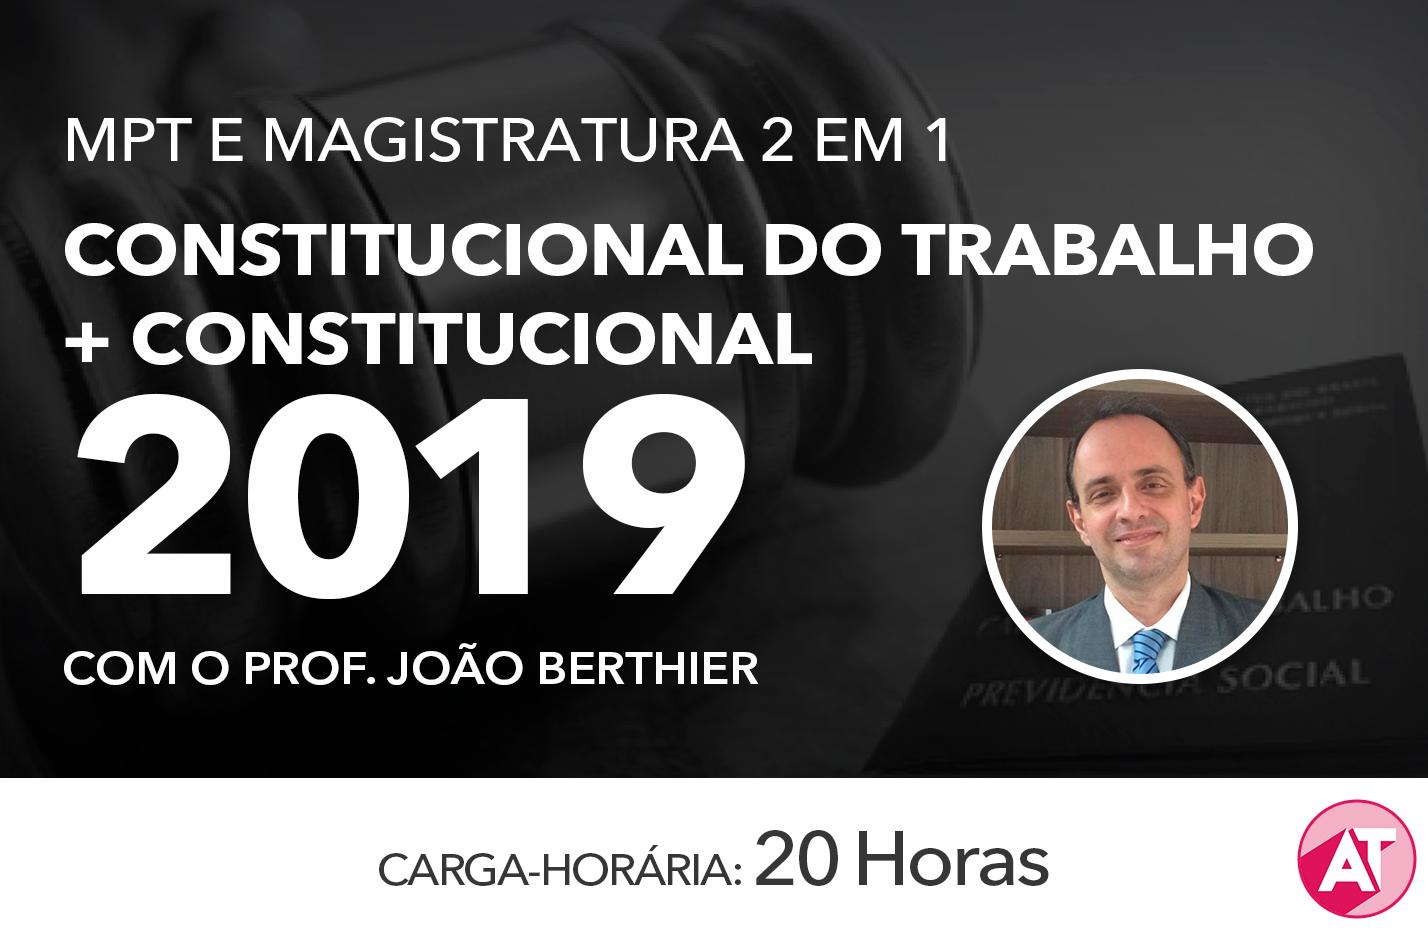 MÓDULO DE DIREITO CONSTITUCIONAL DO TRABALHO e DIREITO CONSTITUCIONAL - Online